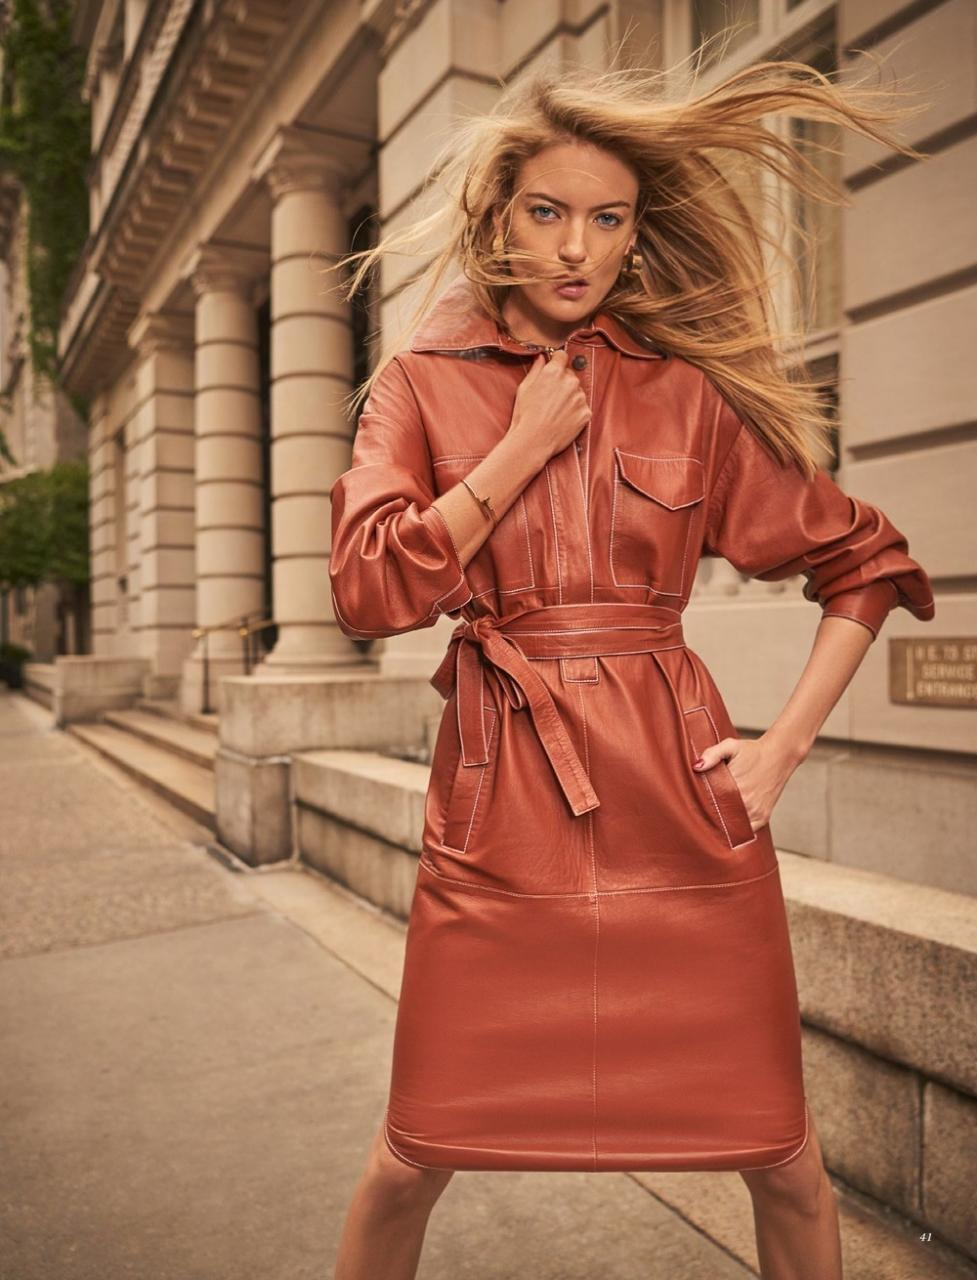 街头拍摄 哈萨克斯坦《Harper's Bazaar》11月刊 时尚图库 第7张